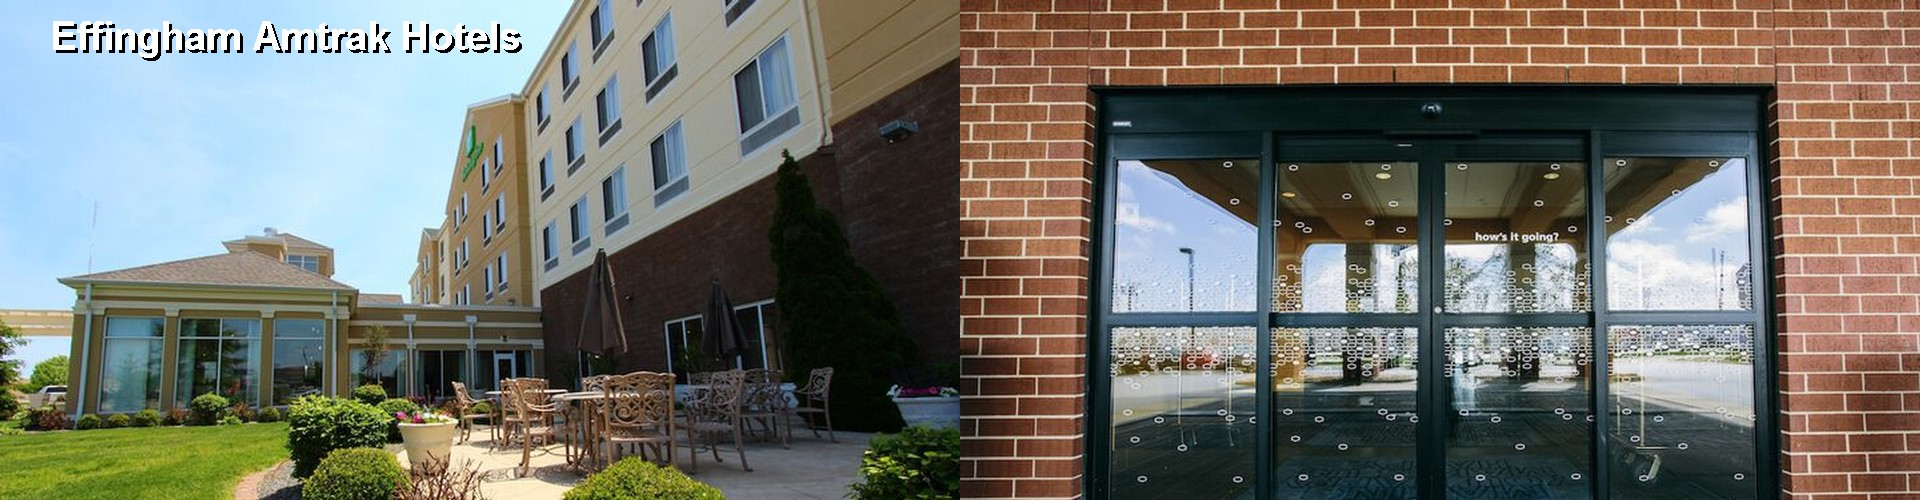 5 Best Hotels Near Effingham Amtrak